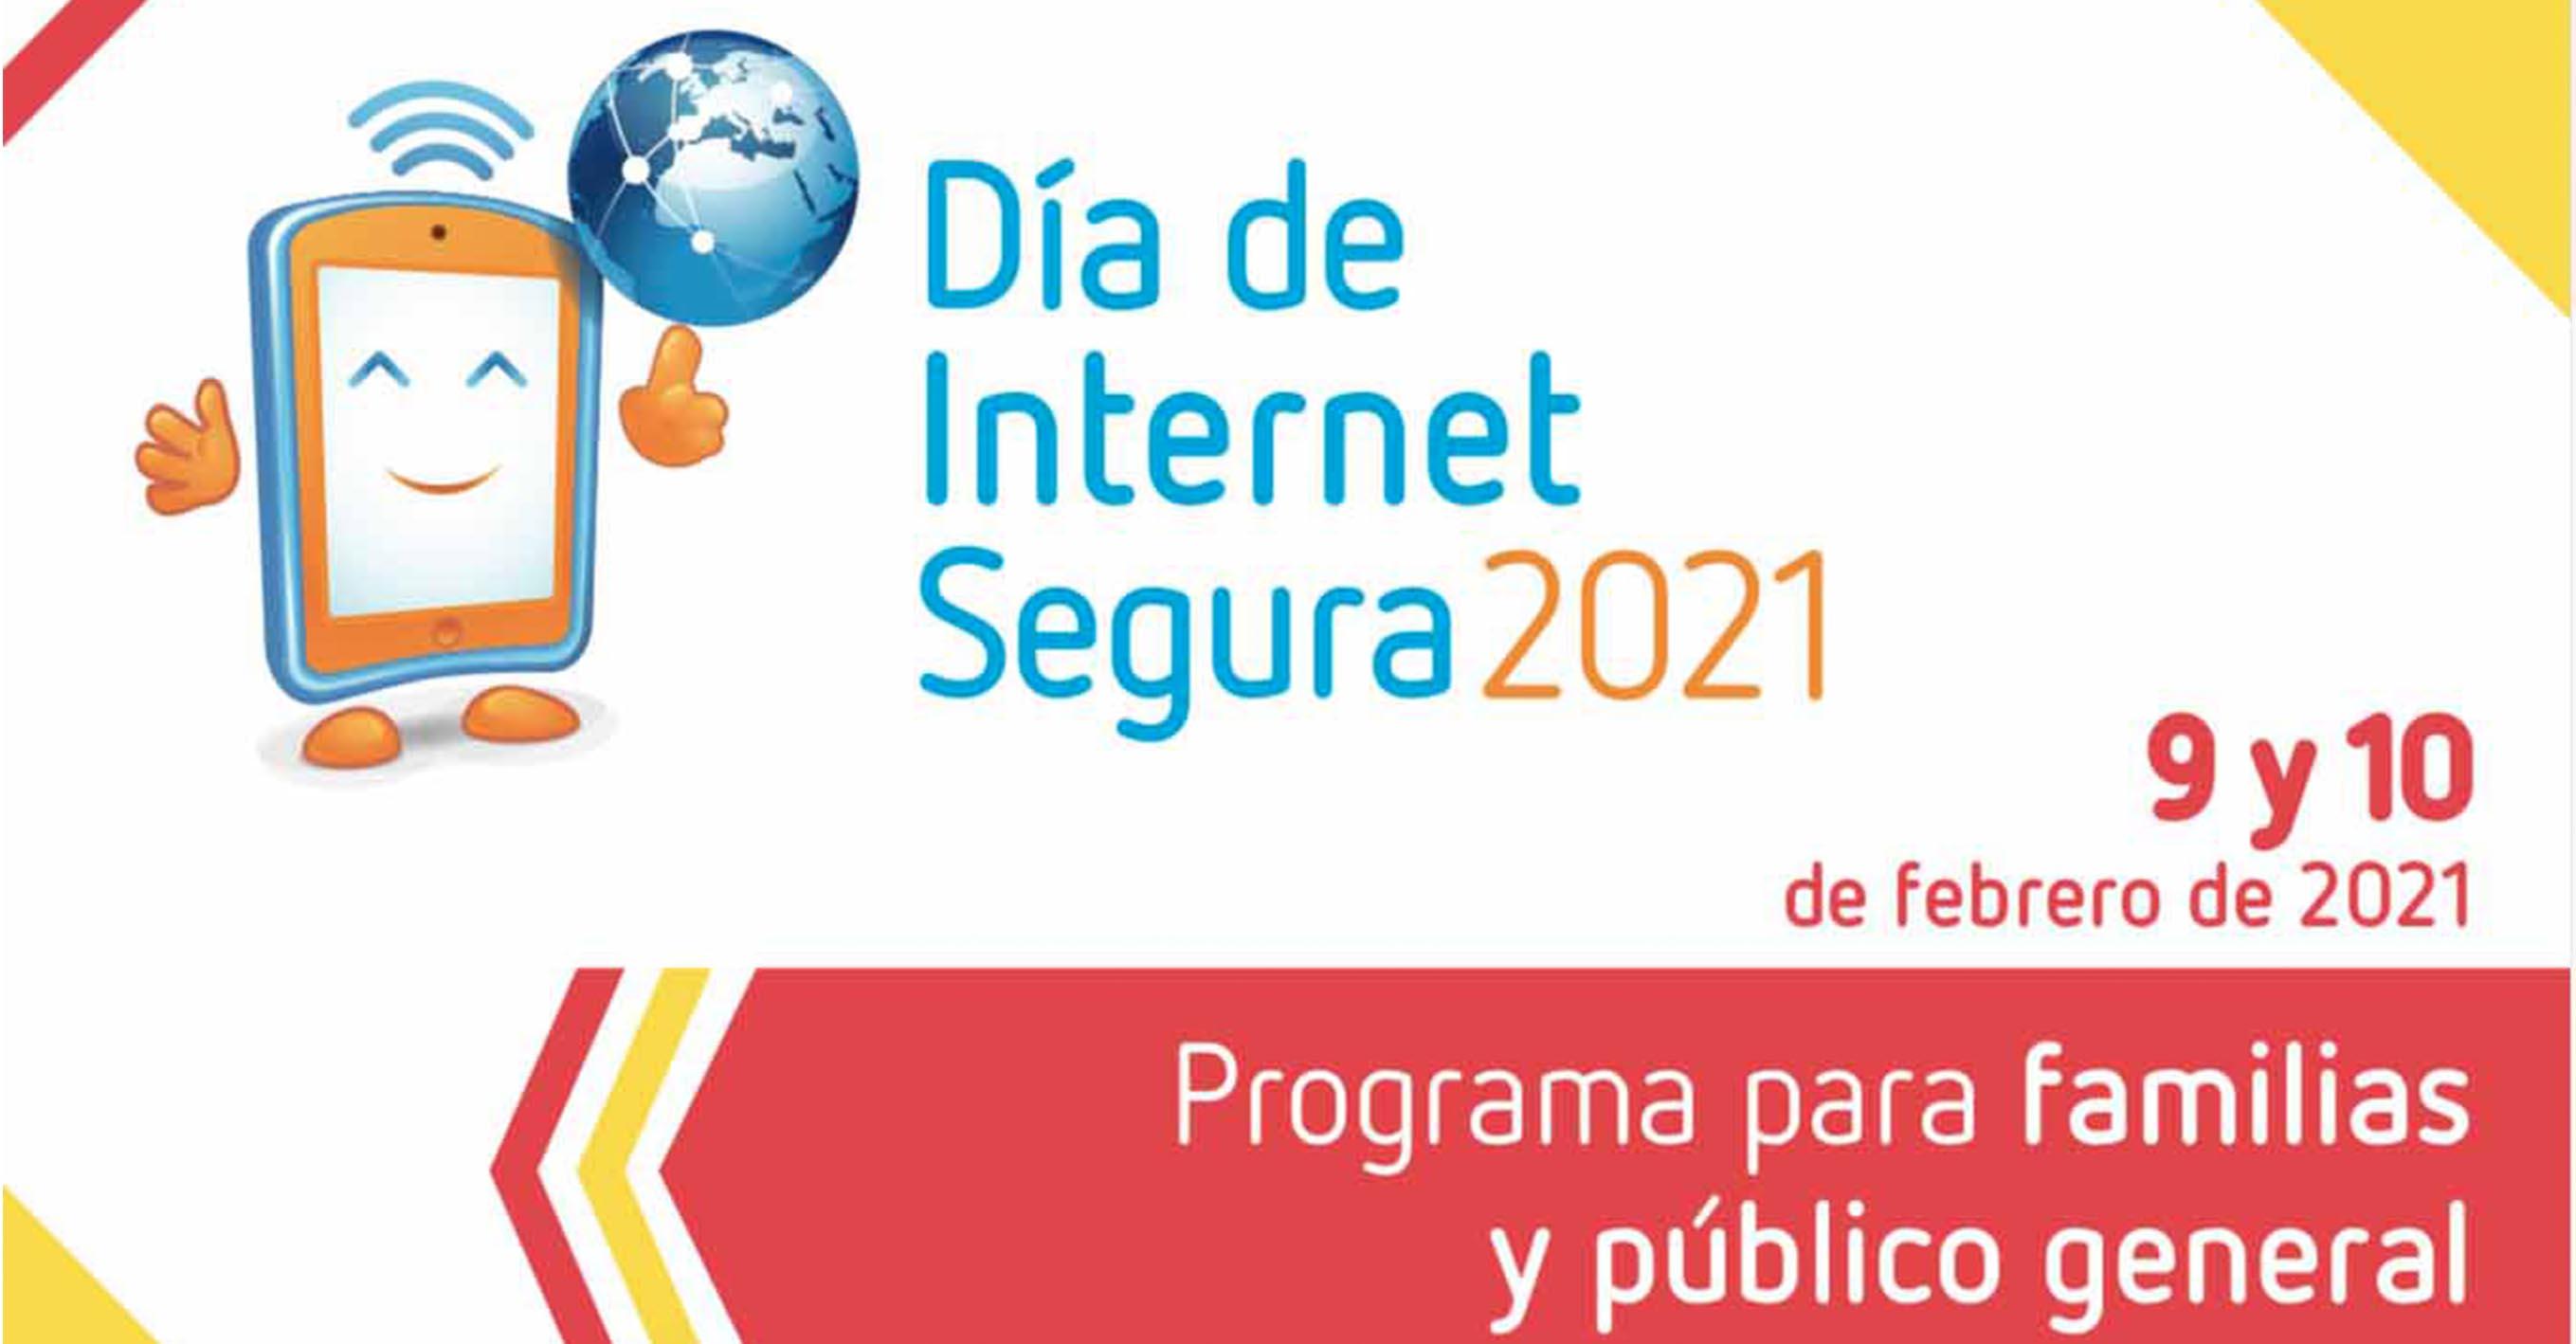 faam Dia de Internet Segura 2021 logo